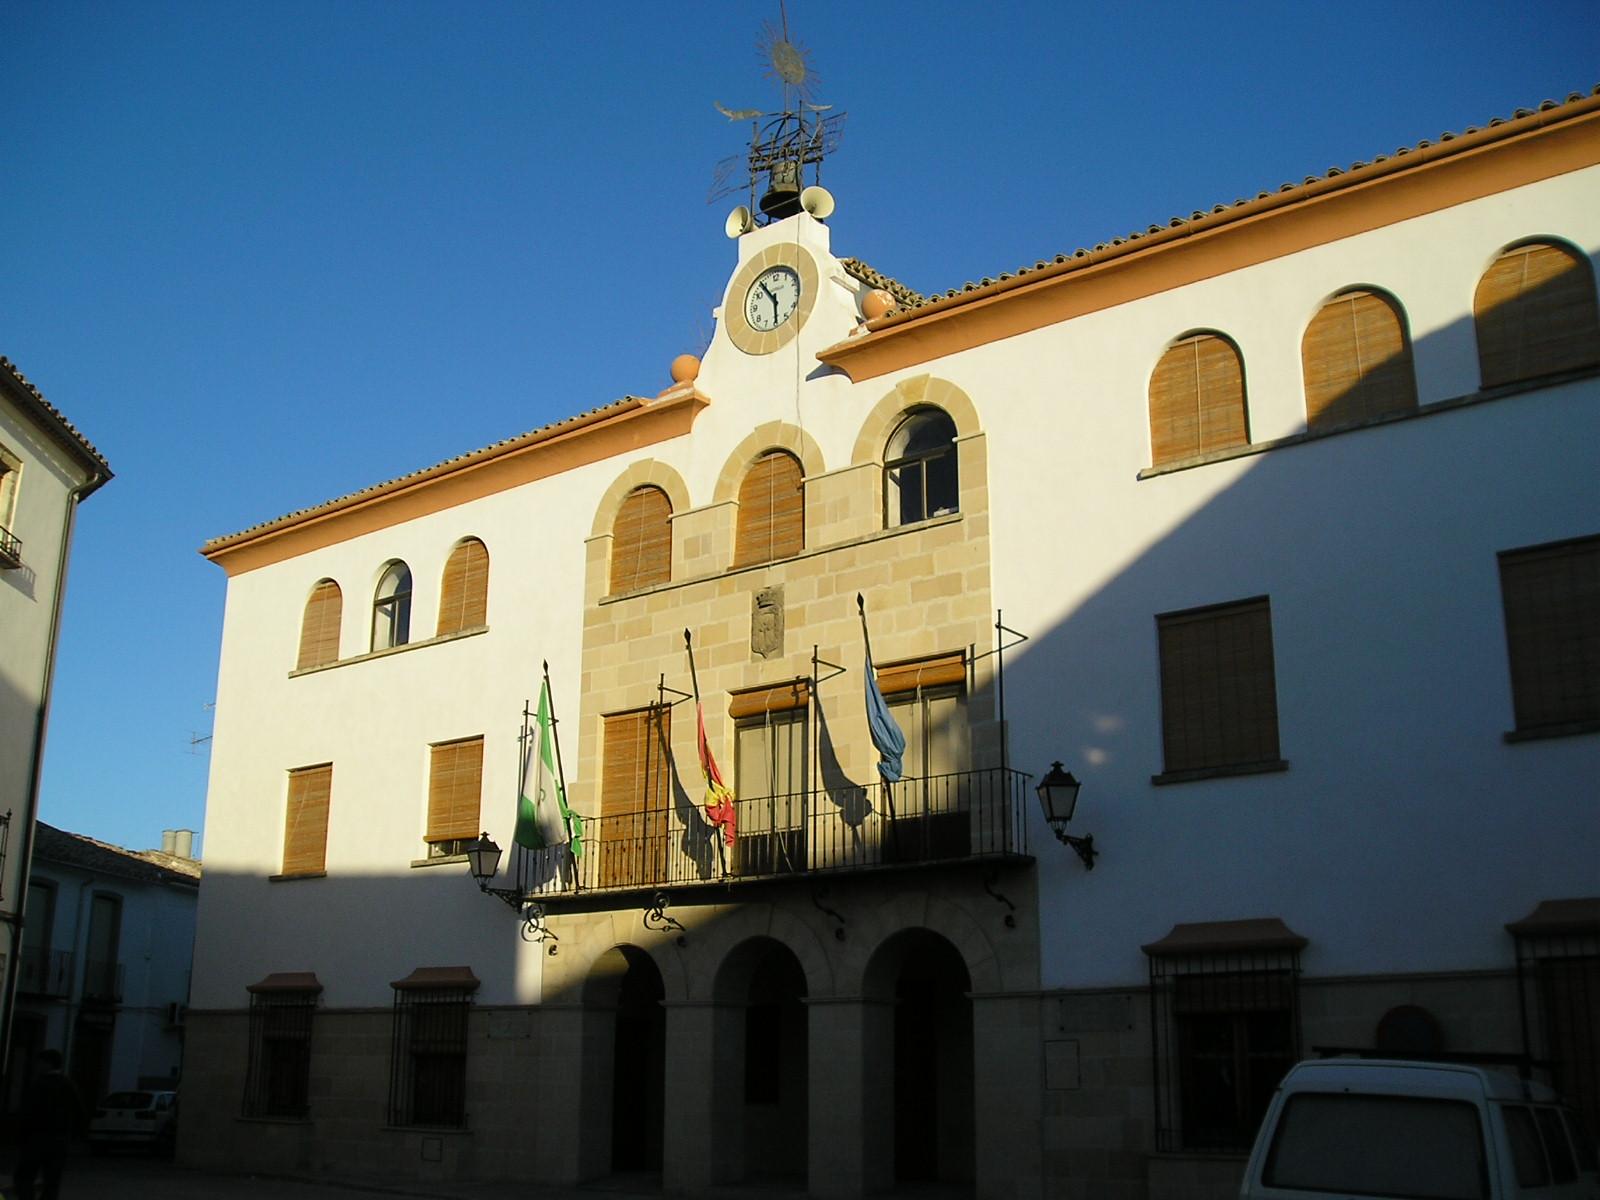 La Comisión COVID del Ayuntamiento de Sabiote muestra su preocupación por la situación en la villa